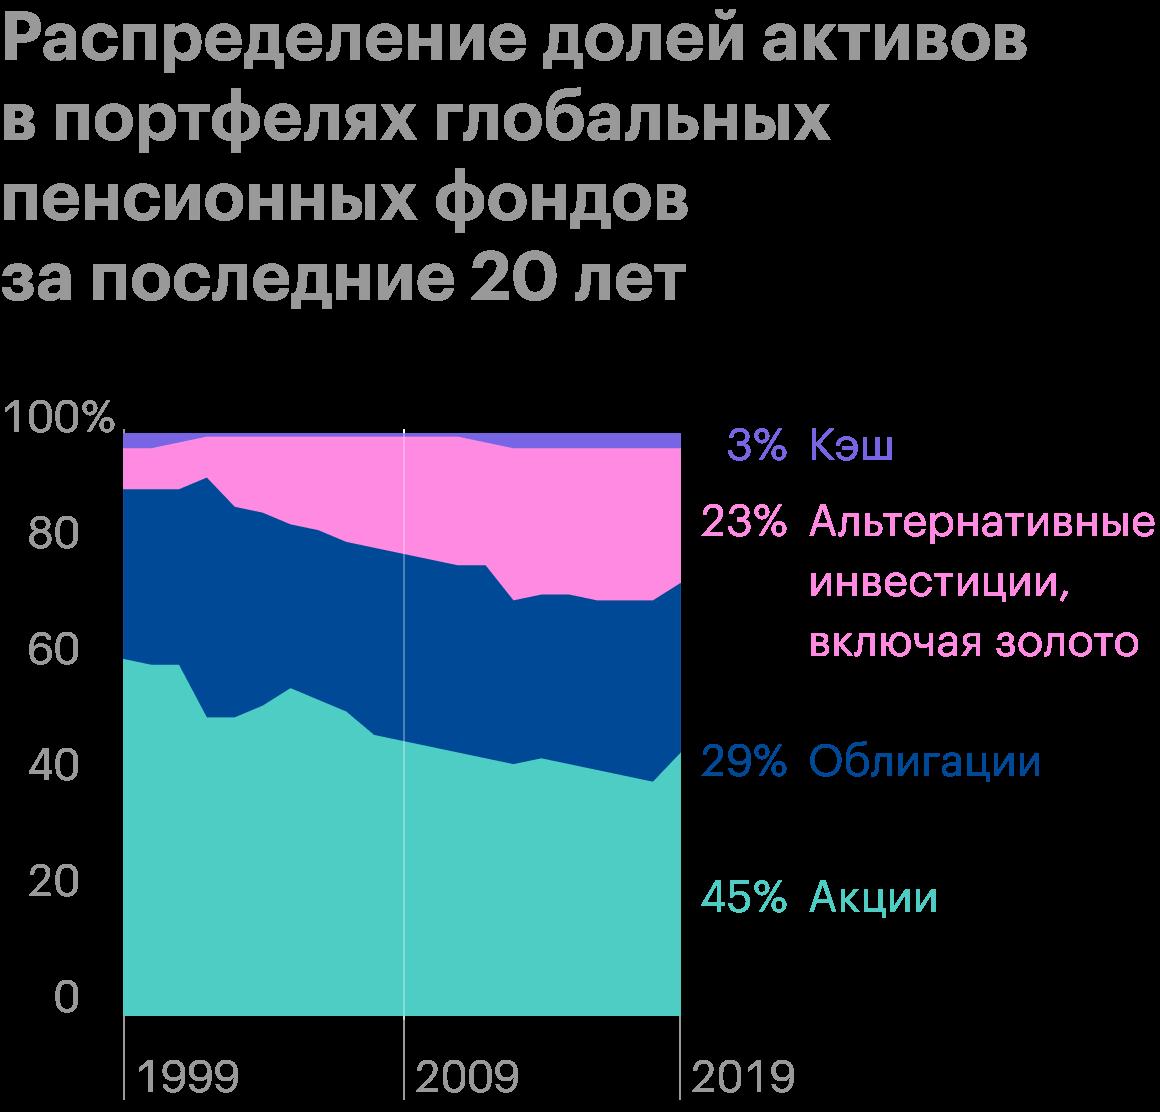 Доля нетрадиционных активов в портфелях глобальных пенсионных фондов увеличилась в среднем с 7% в 1999году до 23% в 2019году. Похожий паттерн наблюдается и в портфелях частных инвесторов. Источник: GoldHub